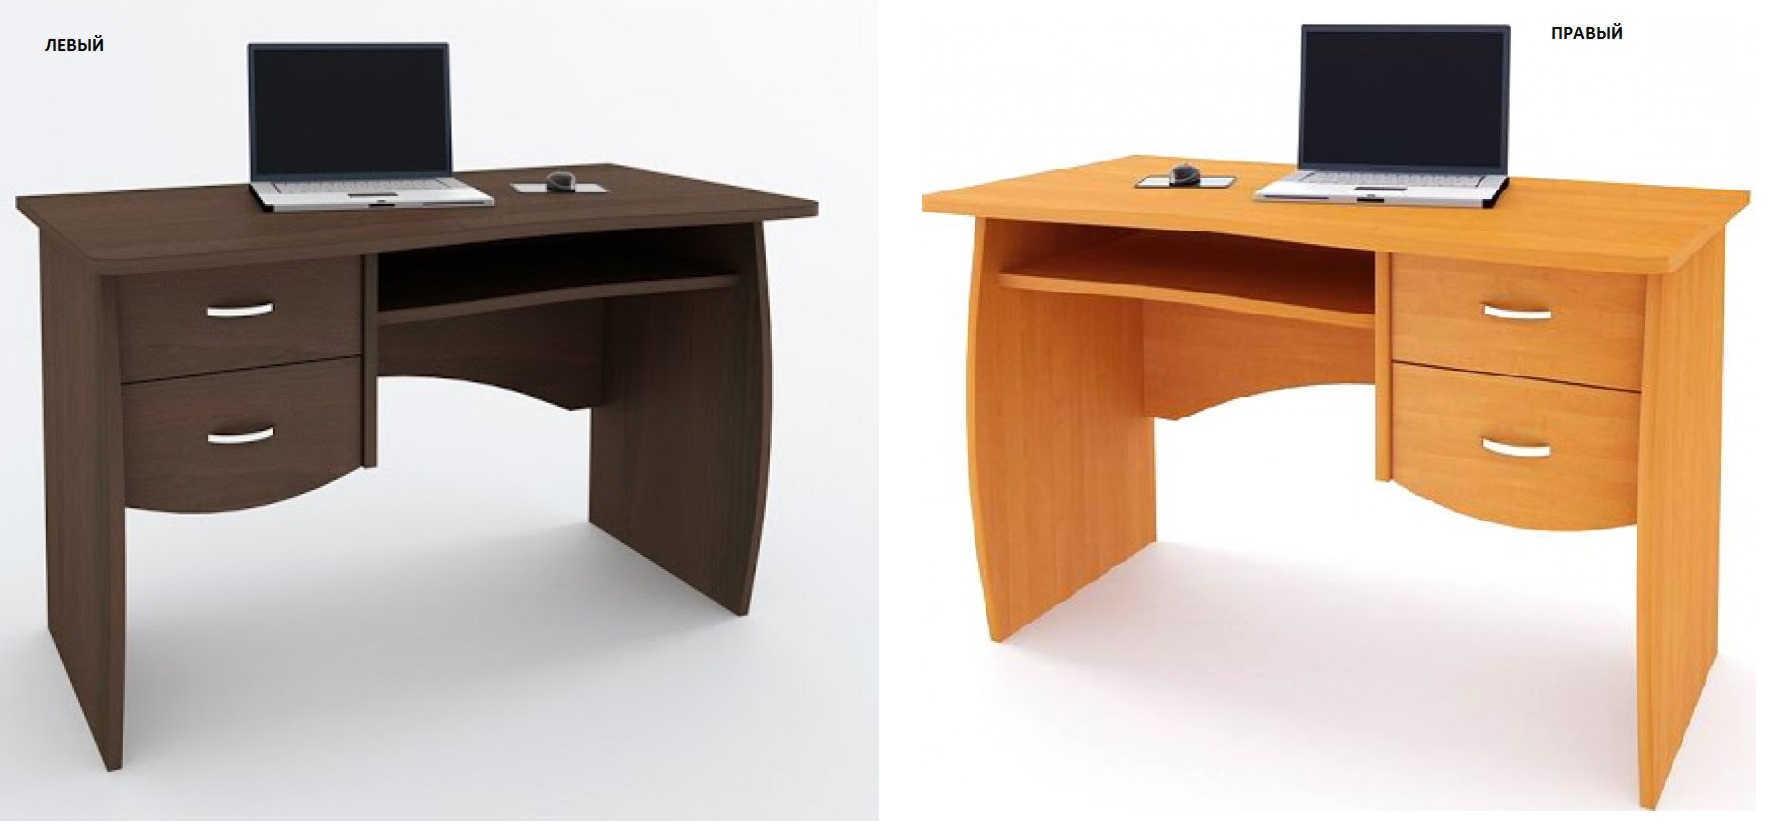 Компьютерный стол Компасс С 108